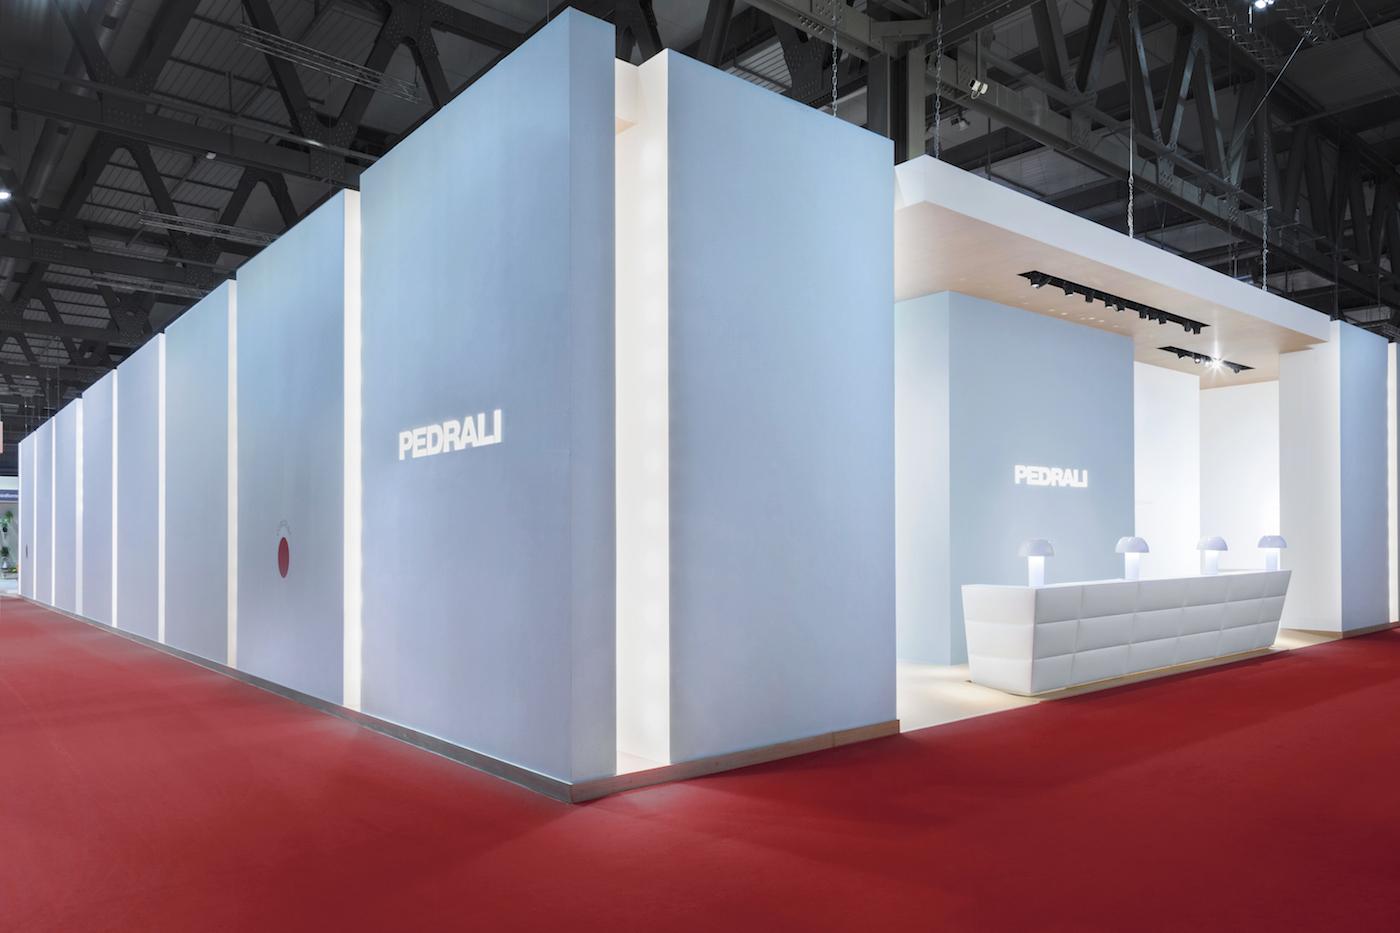 """PEDRALI, con l'allestimento #PEDRALIGOODIDEAS, Salone del Mobile Milano 2018, che ha vinto gli Icon Awards come """"Innovative Architecture"""" e il German Design Award 2019 nella categoria Fair and Exhibition"""